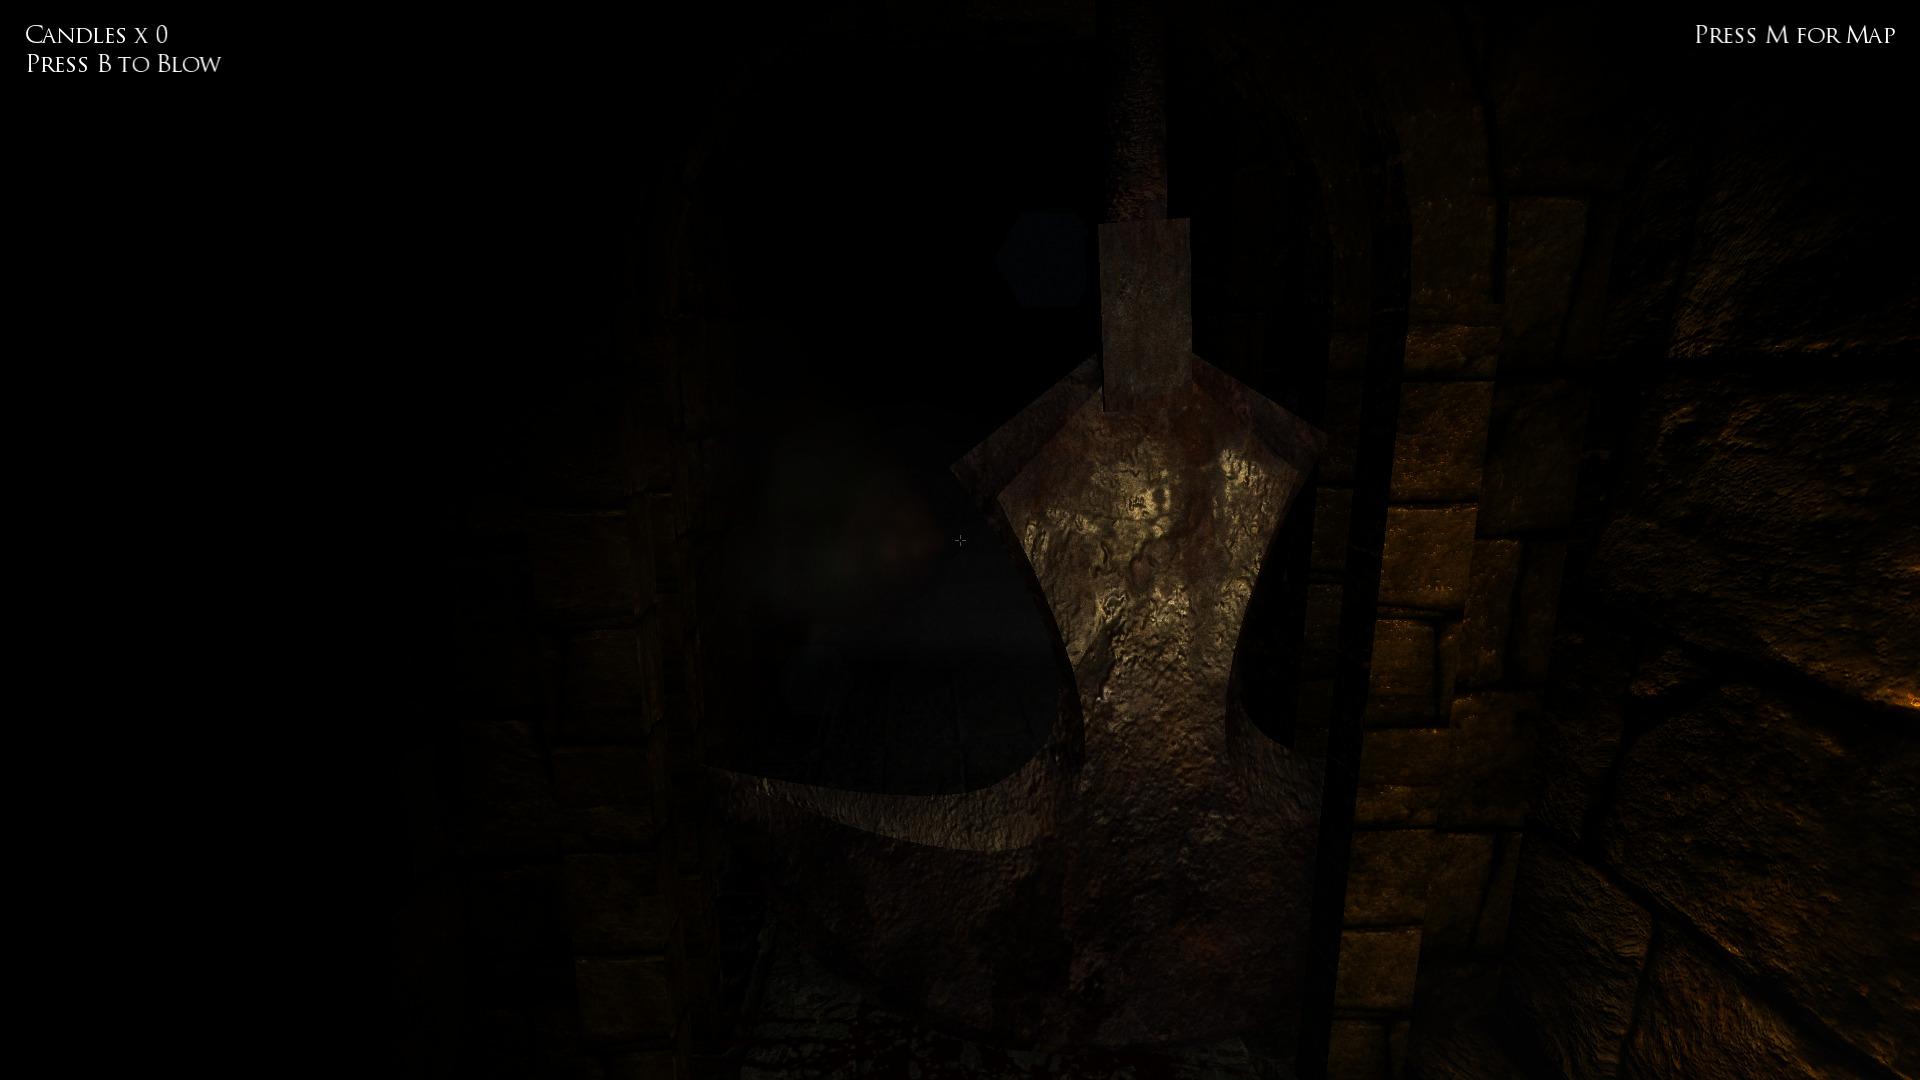 nightmares-24.jpg